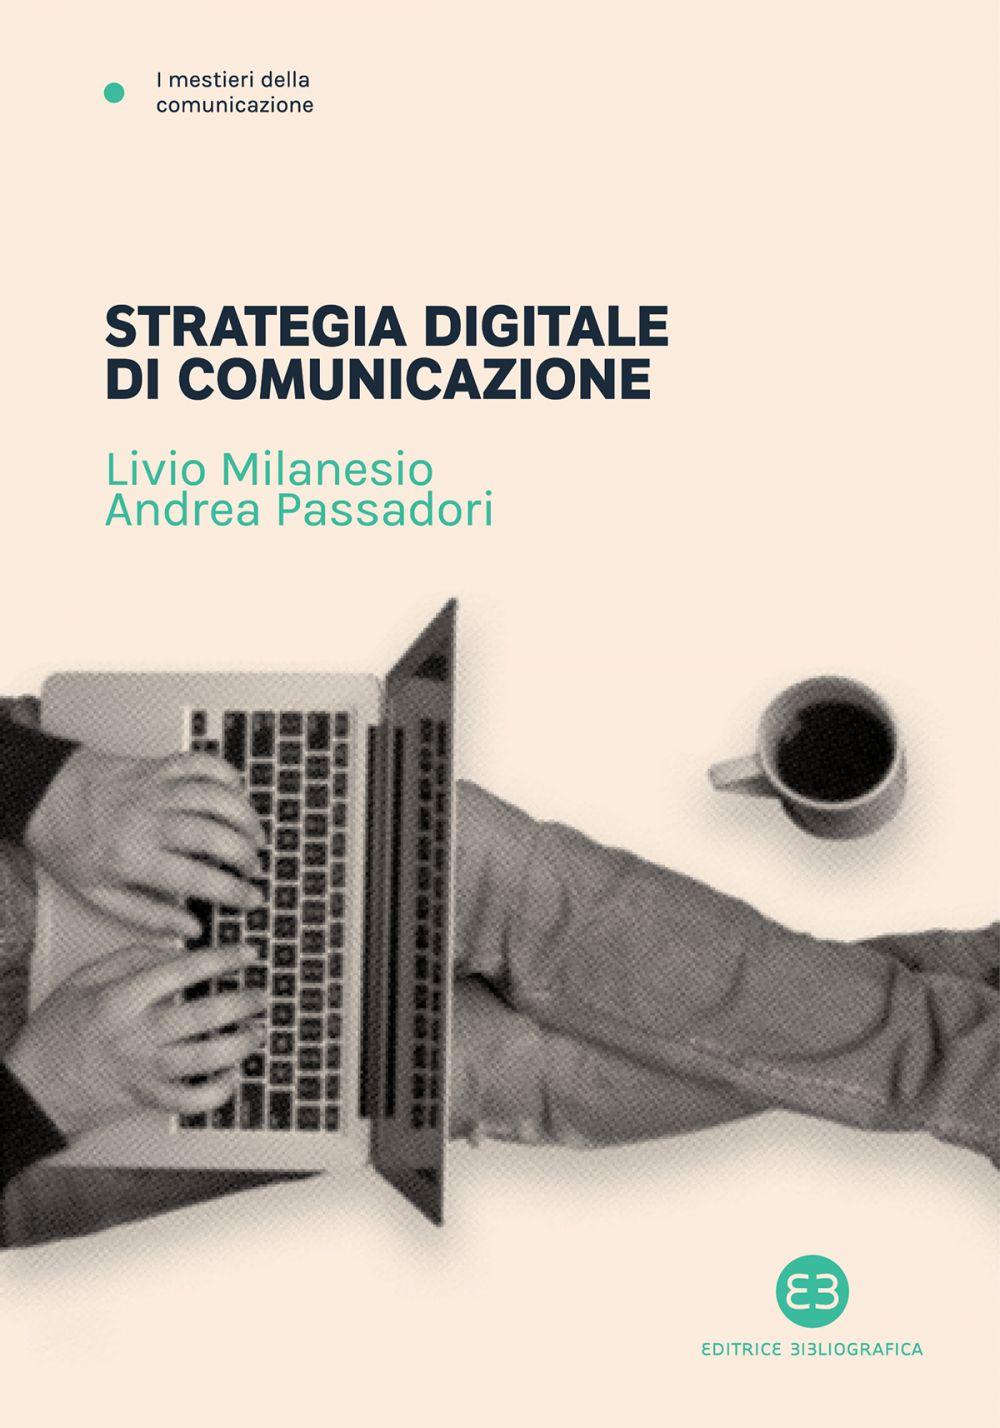 Strategia digitale di comunicazione